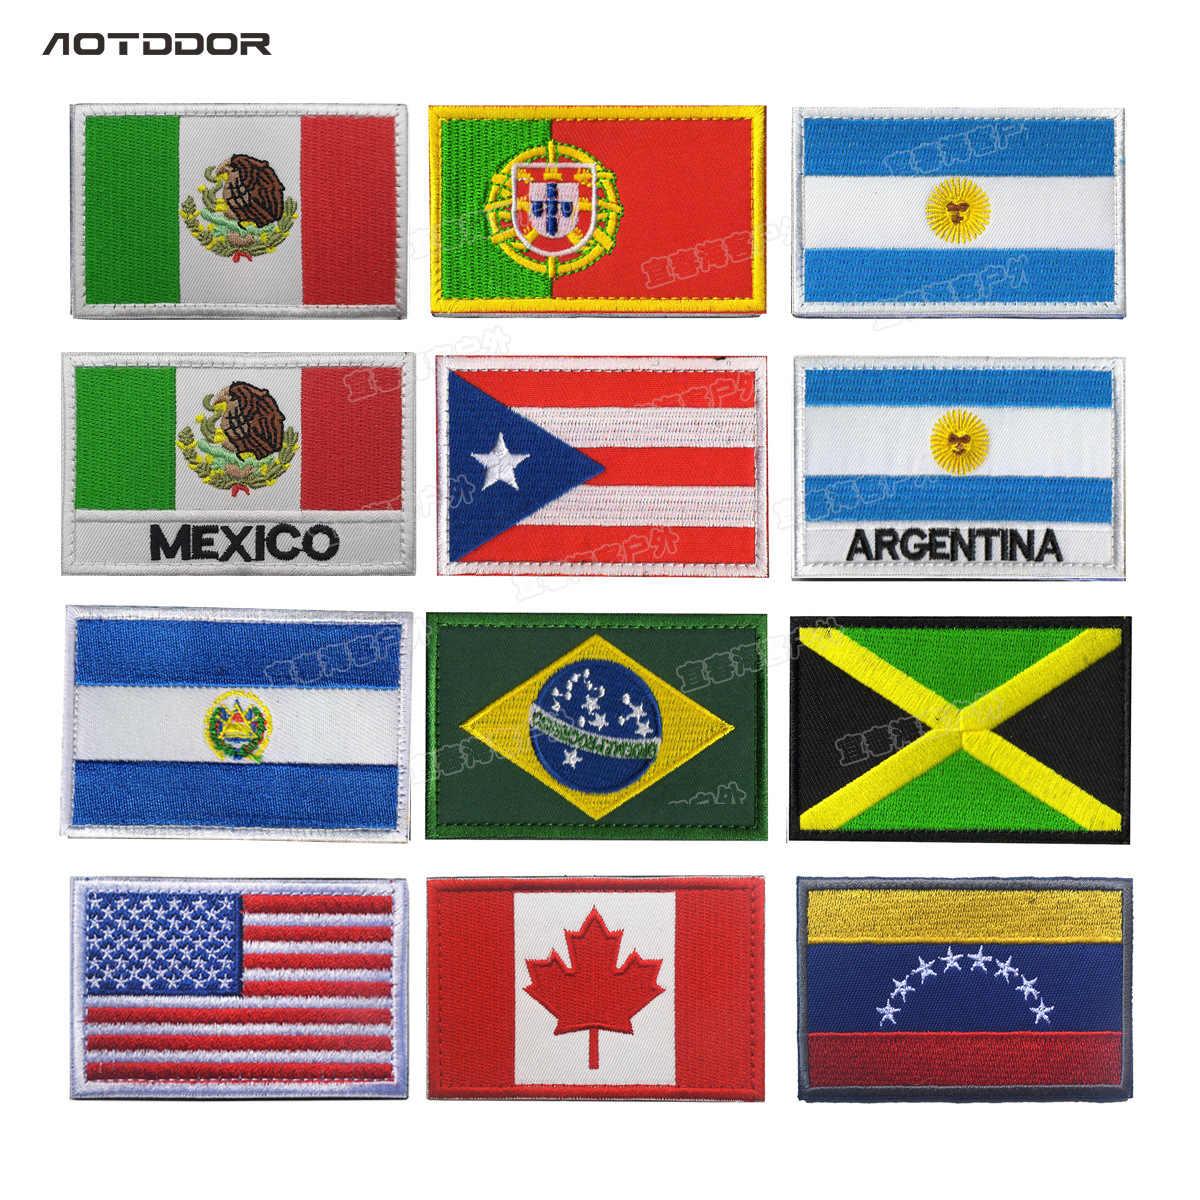 北アメリカフラグメキシコポルトガルアルゼンチンジャマイカ士気パッチ布ラベルパック掲示刺繍腕章ベルクロ